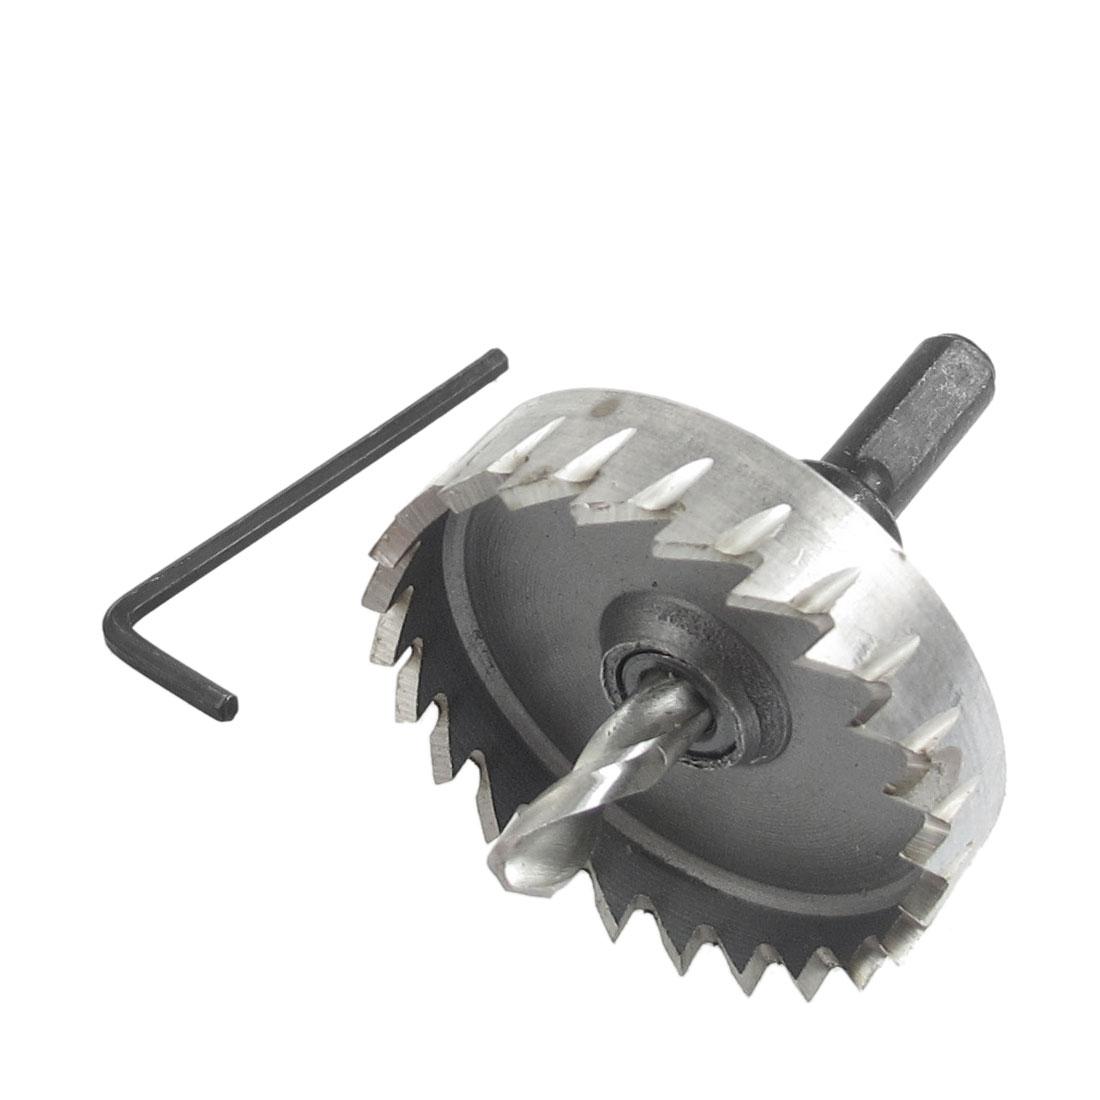 7mm Triangle Shank 50mm Hole Saw Twist Drill Drilling Bit Iron Cutter w Hex Key